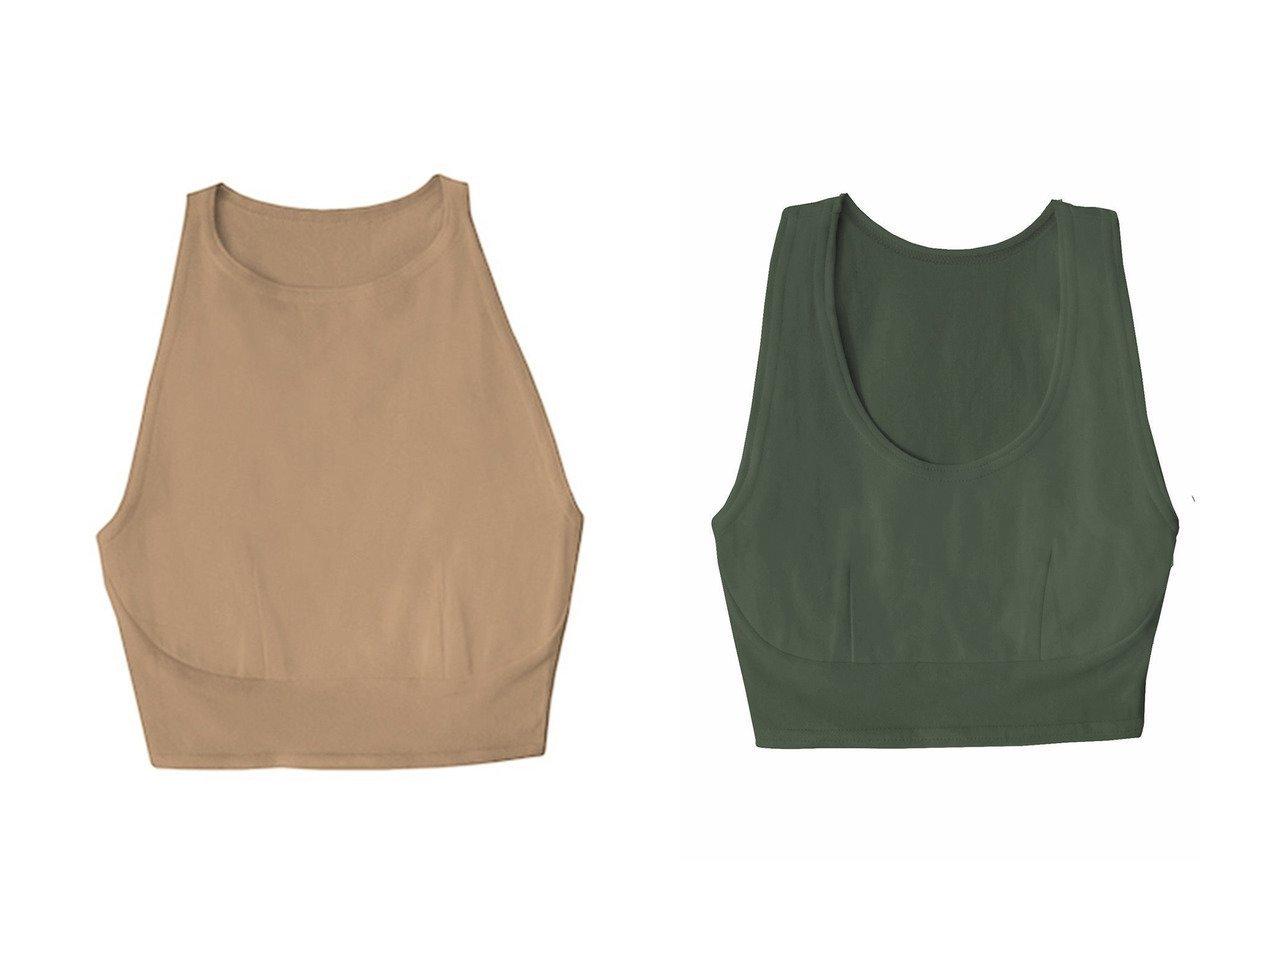 【Women's Health/ウィメンズヘルス】のhi-neck croptop【hazelle】&tank croptop【hazelle】 おすすめ!人気、トレンド・レディースファッションの通販  おすすめで人気の流行・トレンド、ファッションの通販商品 インテリア・家具・メンズファッション・キッズファッション・レディースファッション・服の通販 founy(ファニー) https://founy.com/ ファッション Fashion レディースファッション WOMEN 下着・ランジェリー Underwear その他インナー・ランジェリー Other lingerie オーガニック ブラジャー ランジェリー ワイヤー 再入荷 Restock/Back in Stock/Re Arrival  ID:crp329100000063092